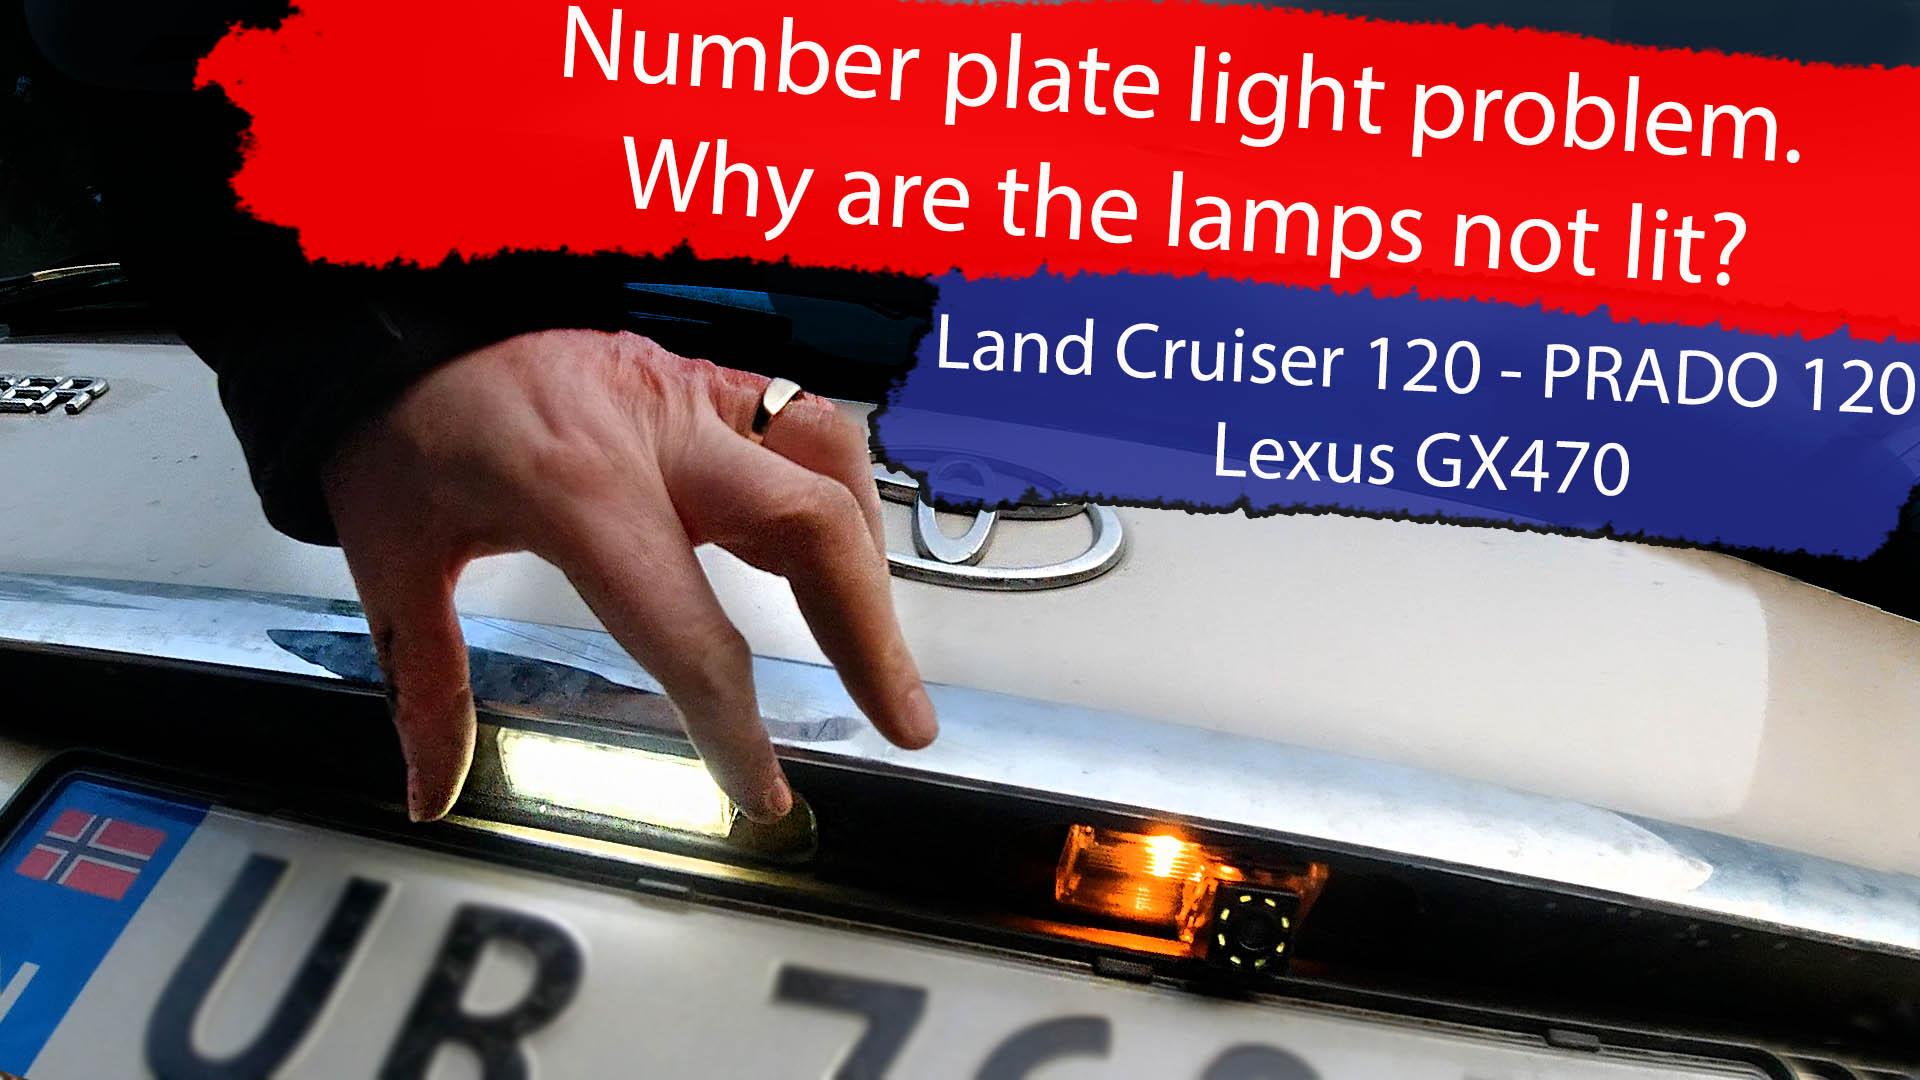 Nye videoer om Land Cruiser 120 prosjektet